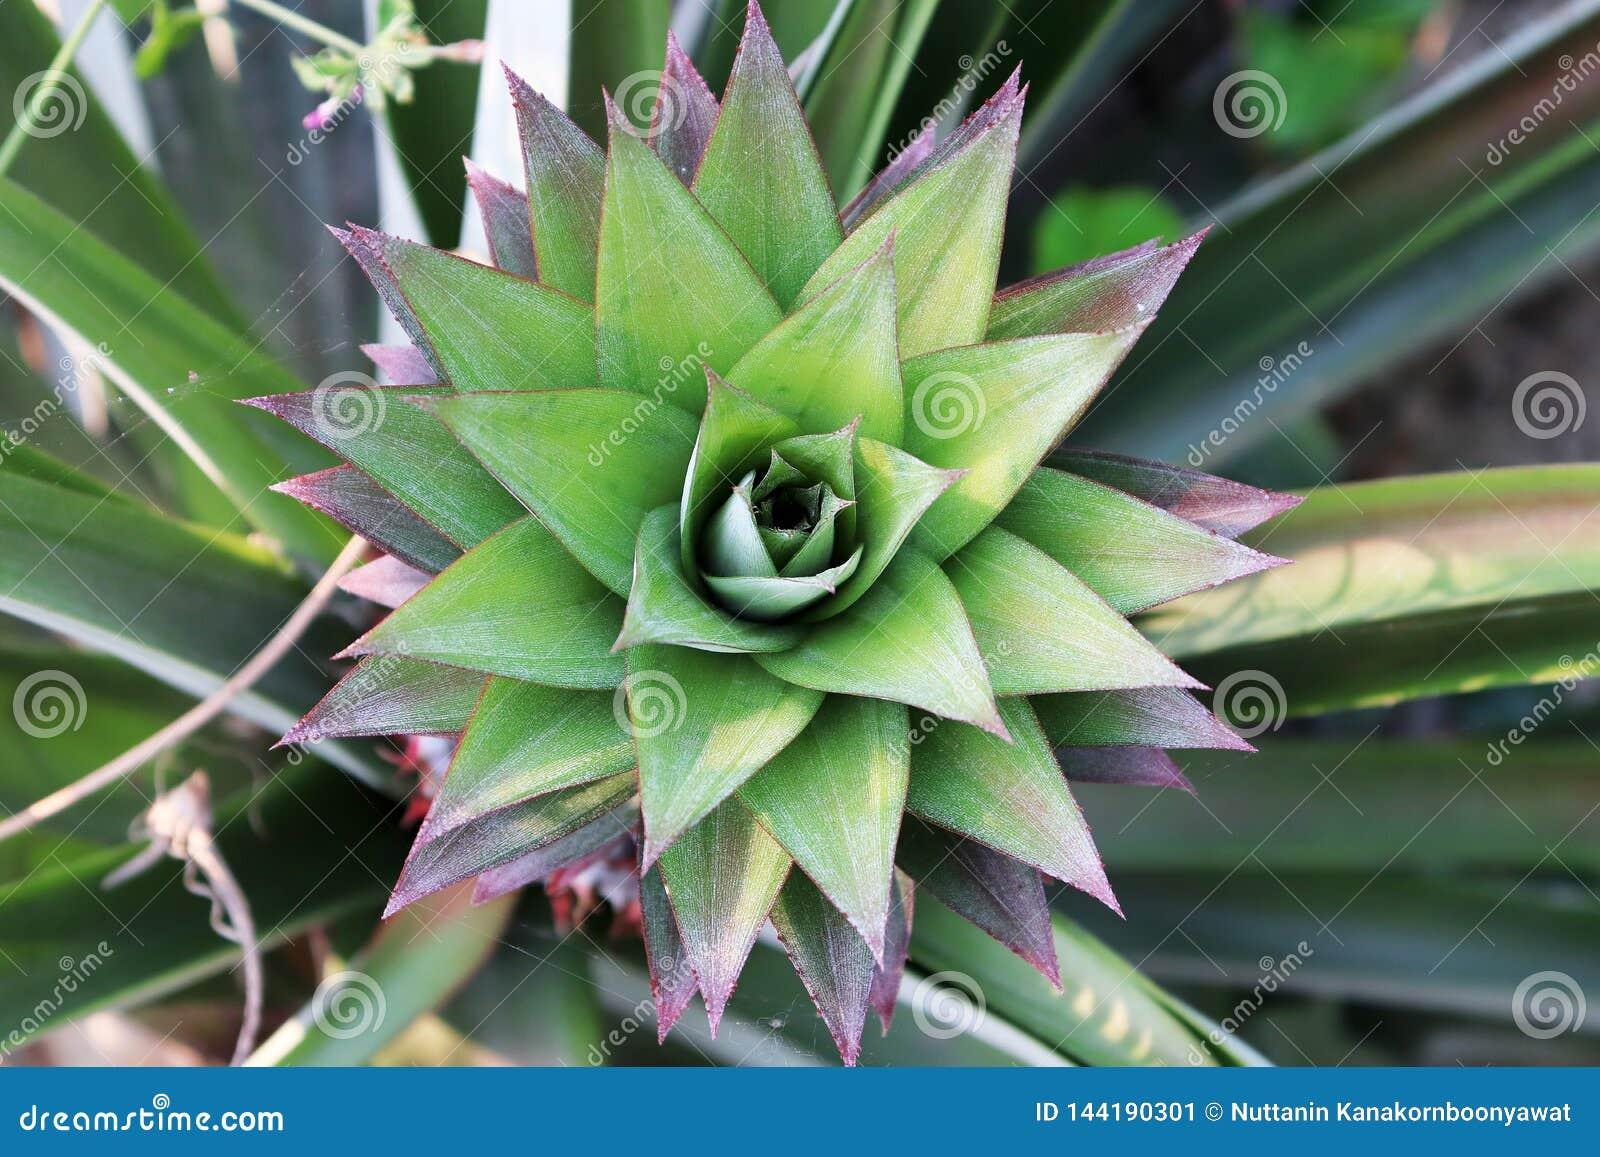 Молодой всход ананаса на кусте в красных и зеленых листьях, ананасе растя на кусте сад плодоовощ тропический Ананас внутри